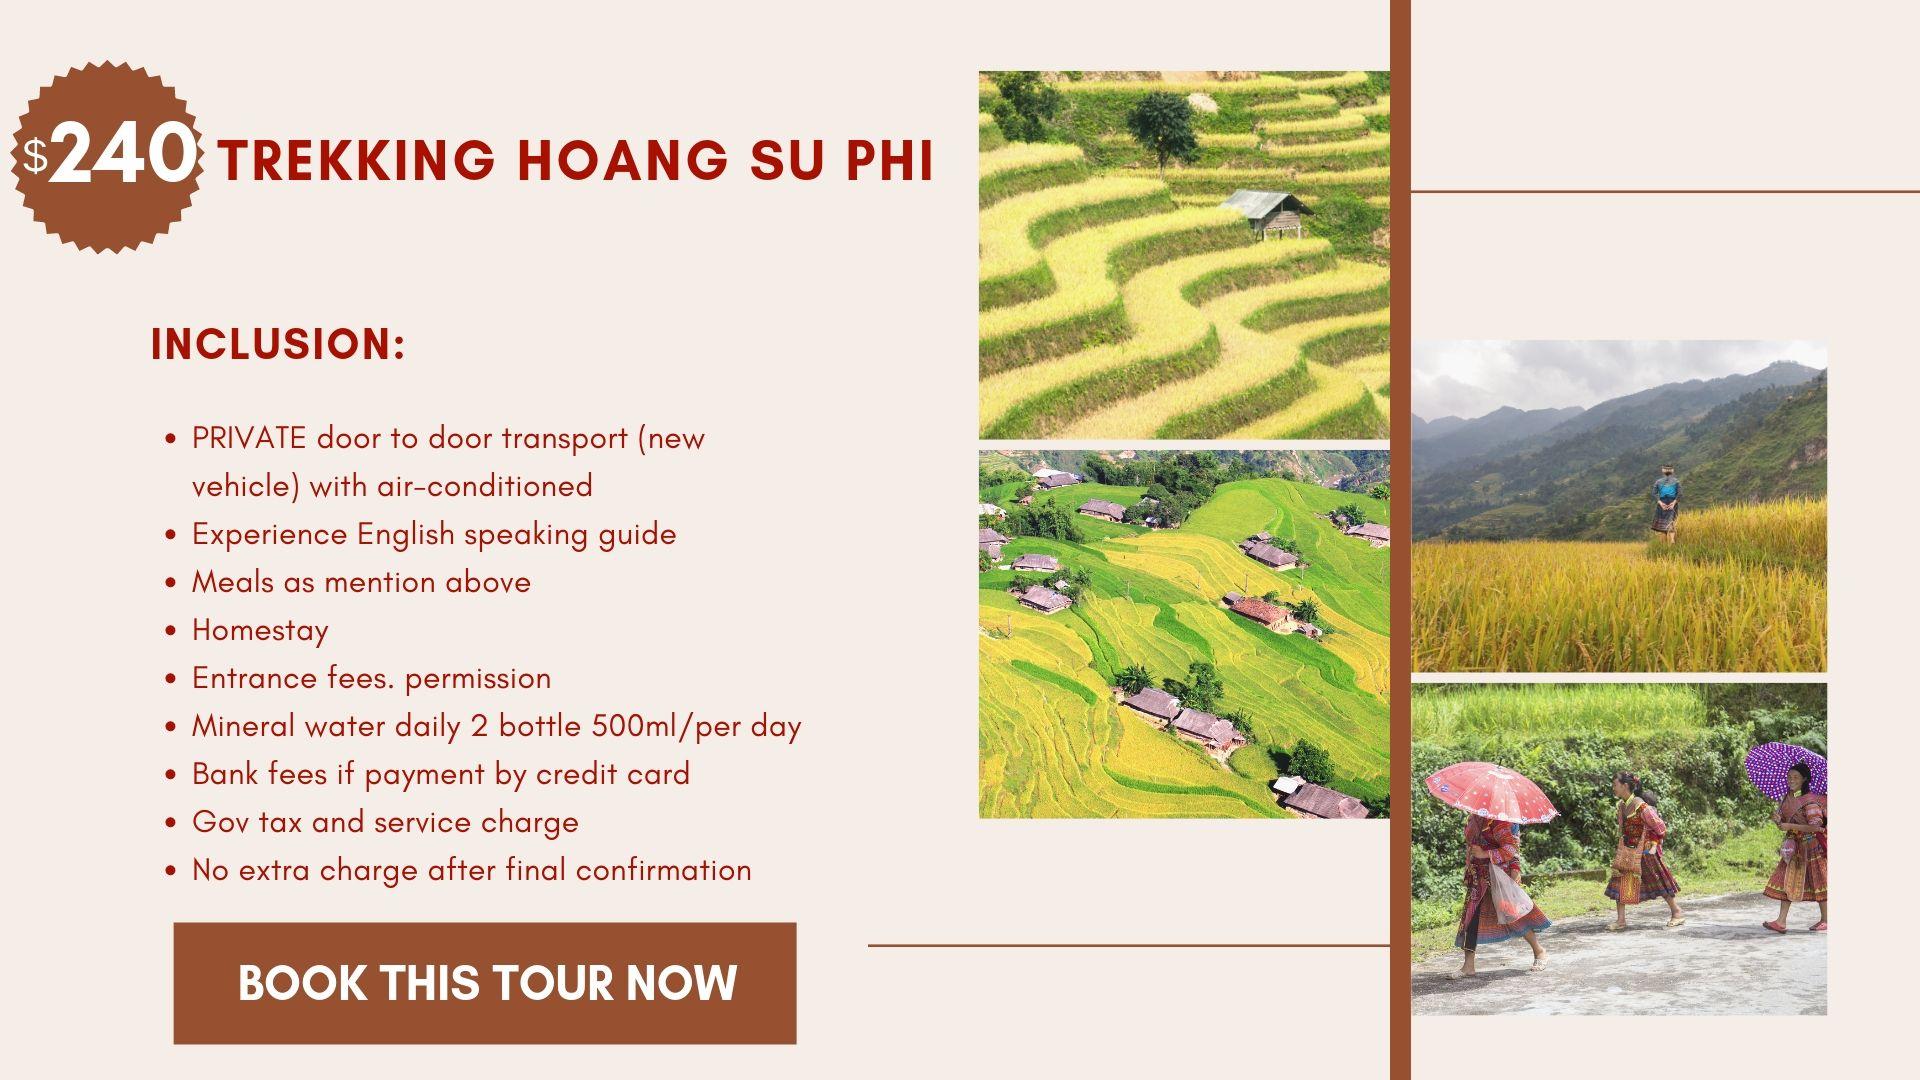 Tour Trekking Hoang Su Phi 4 days